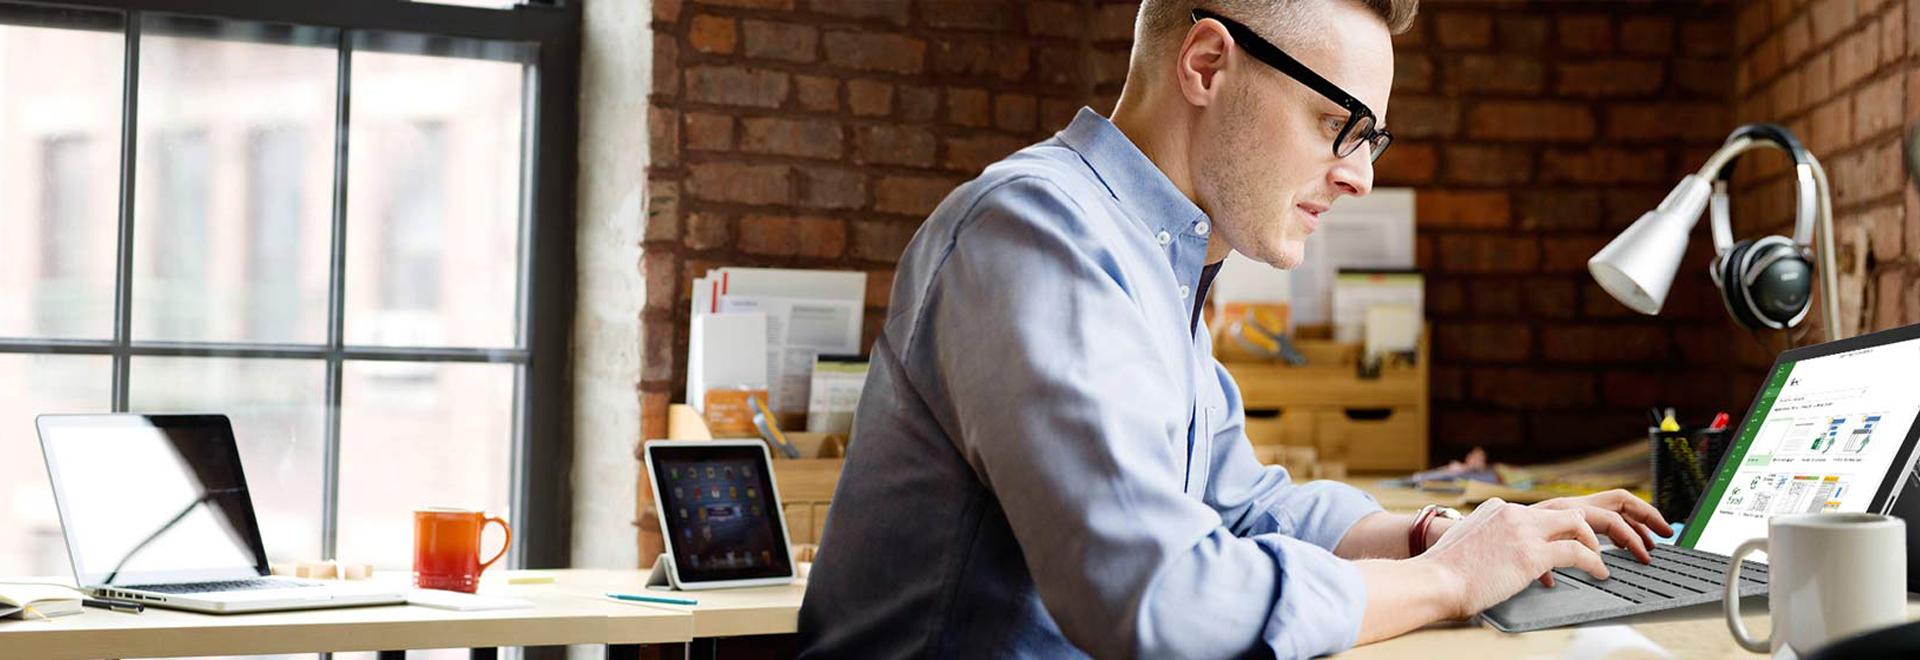 En man sitter vid ett skrivbord och arbetar i Microsoft Project på en Surface-dator.